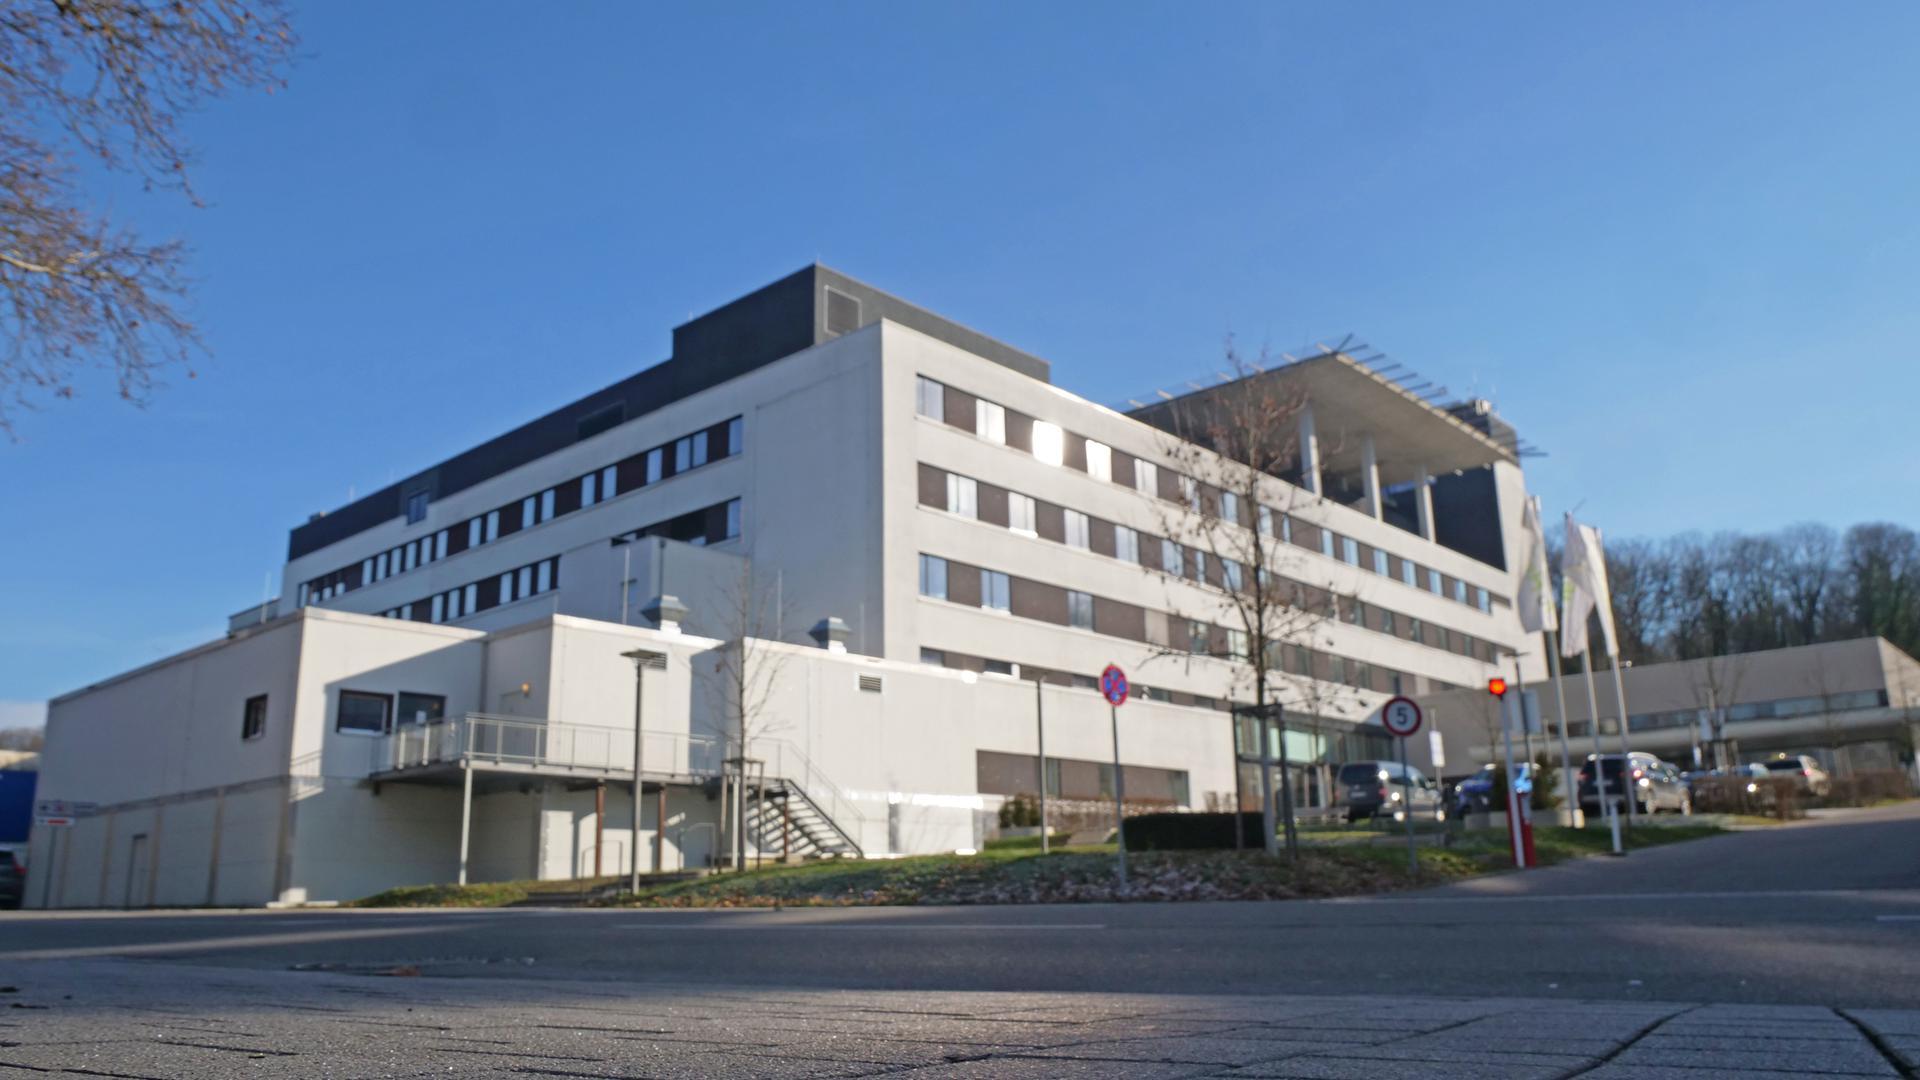 Das Helios-Klinikum in Pforzheim von außen.